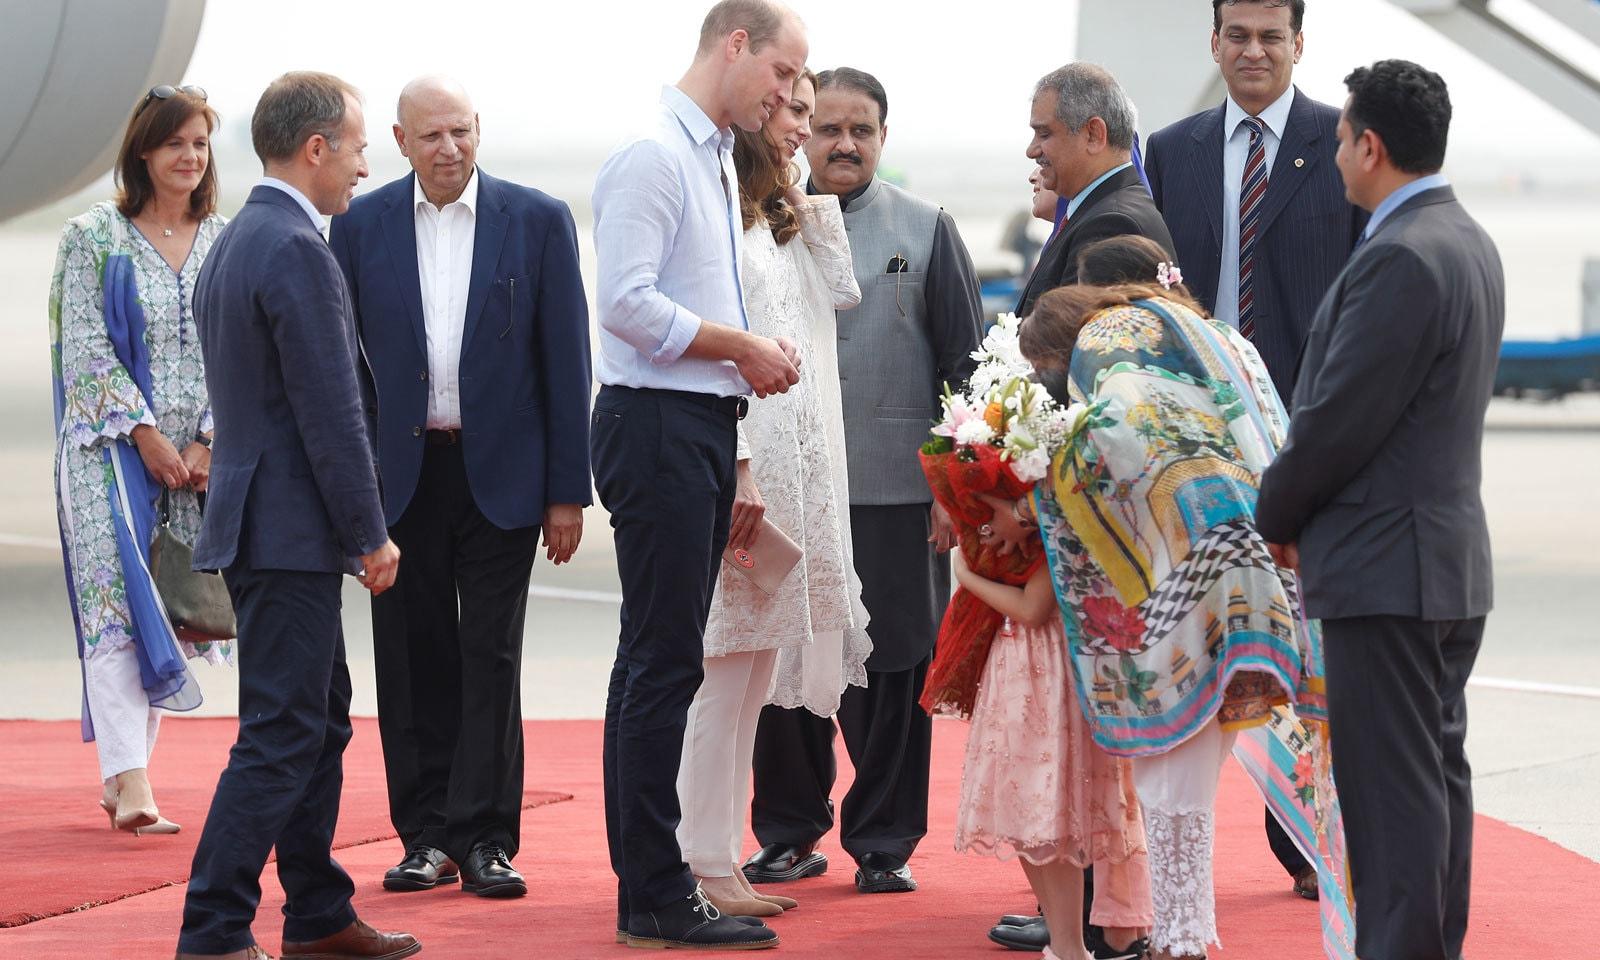 لاہور آمد پر برطانوی شاہی جوڑے شہزادہ ولیم اور ان کی اہلیہ کیٹ مڈلٹن کا شاندار استقبال کیا گیا— فوٹو: رائٹرز